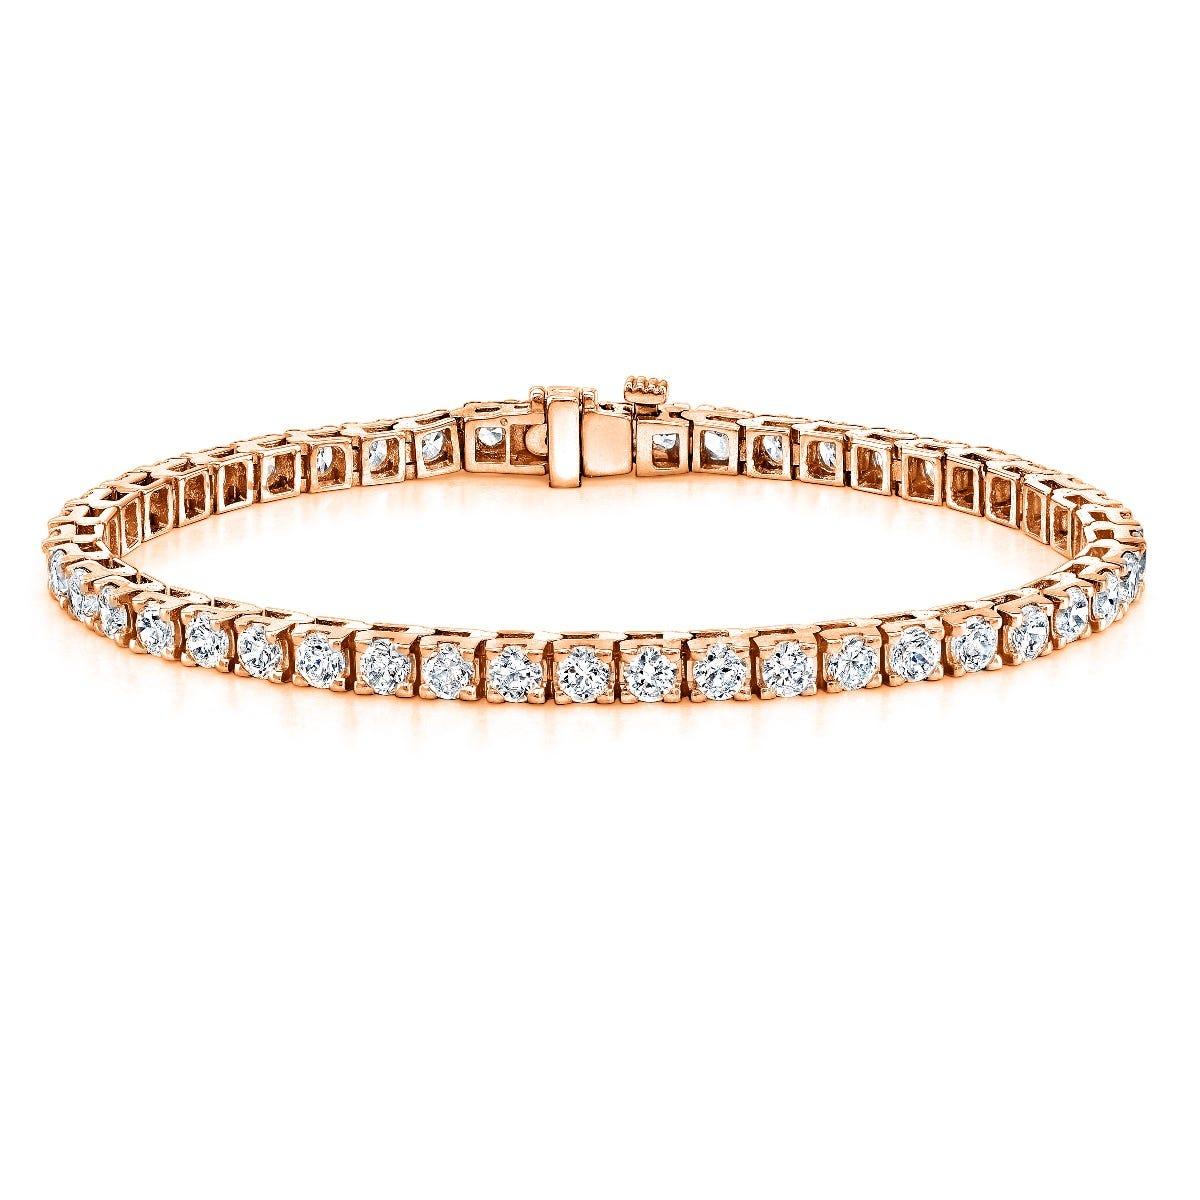 8ctw. 4-Prong Square Link Diamond Tennis Bracelet in 14K Rose Gold (JK, I2-I3)